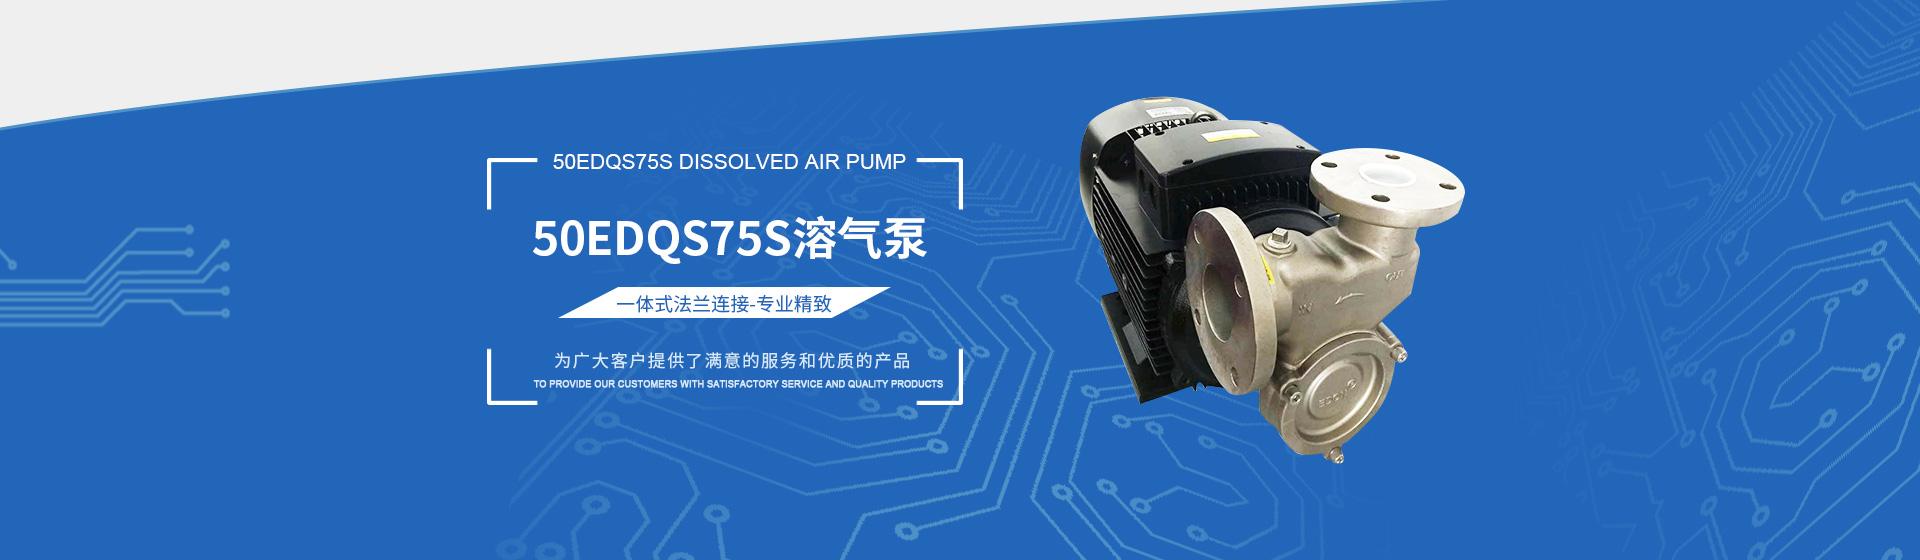 上海益顿机电设备有限公司